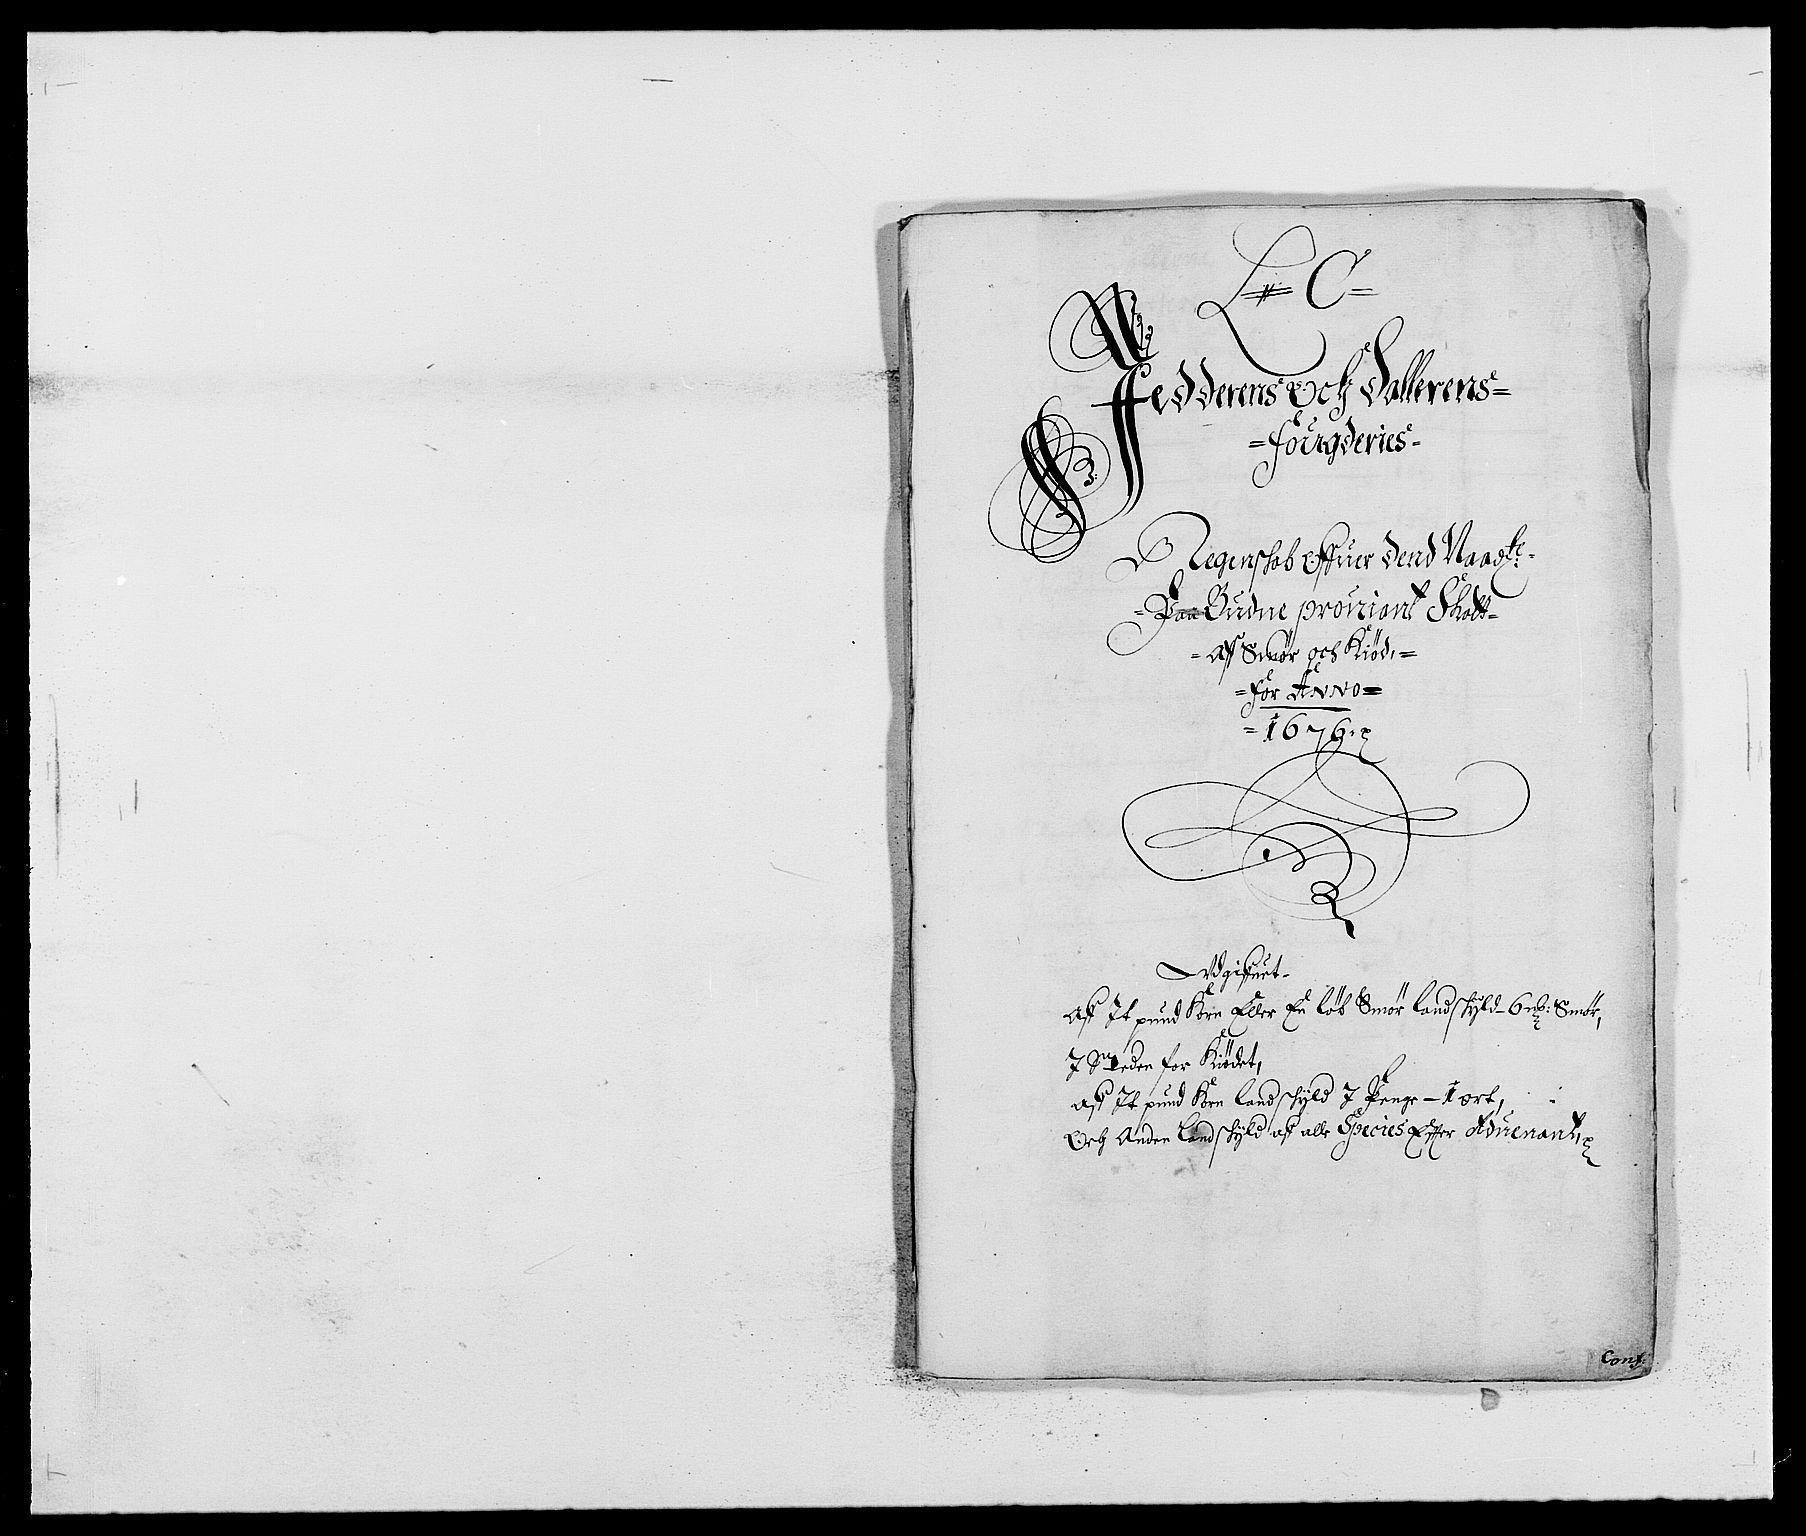 RA, Rentekammeret inntil 1814, Reviderte regnskaper, Fogderegnskap, R46/L2716: Fogderegnskap Jæren og Dalane, 1676, s. 65